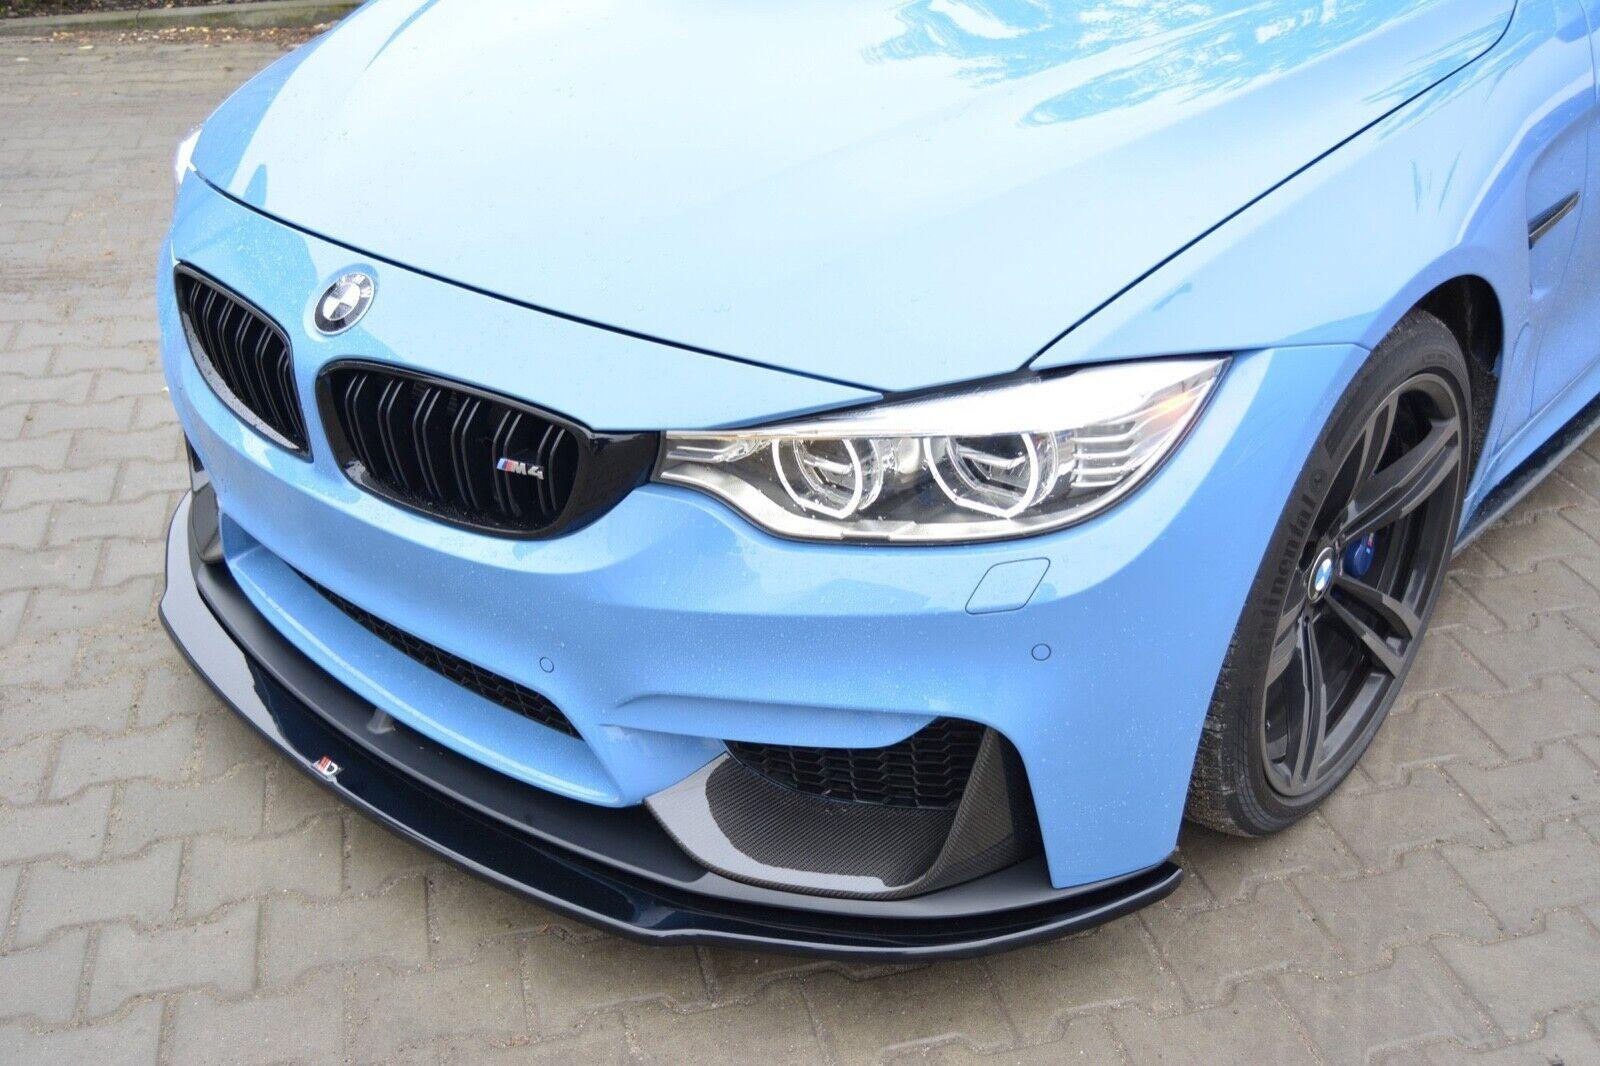 2015 Frontspoiler Lippe Schwert CUP Spoilerlippe CARBON für BMW M4 F82  ab Bj